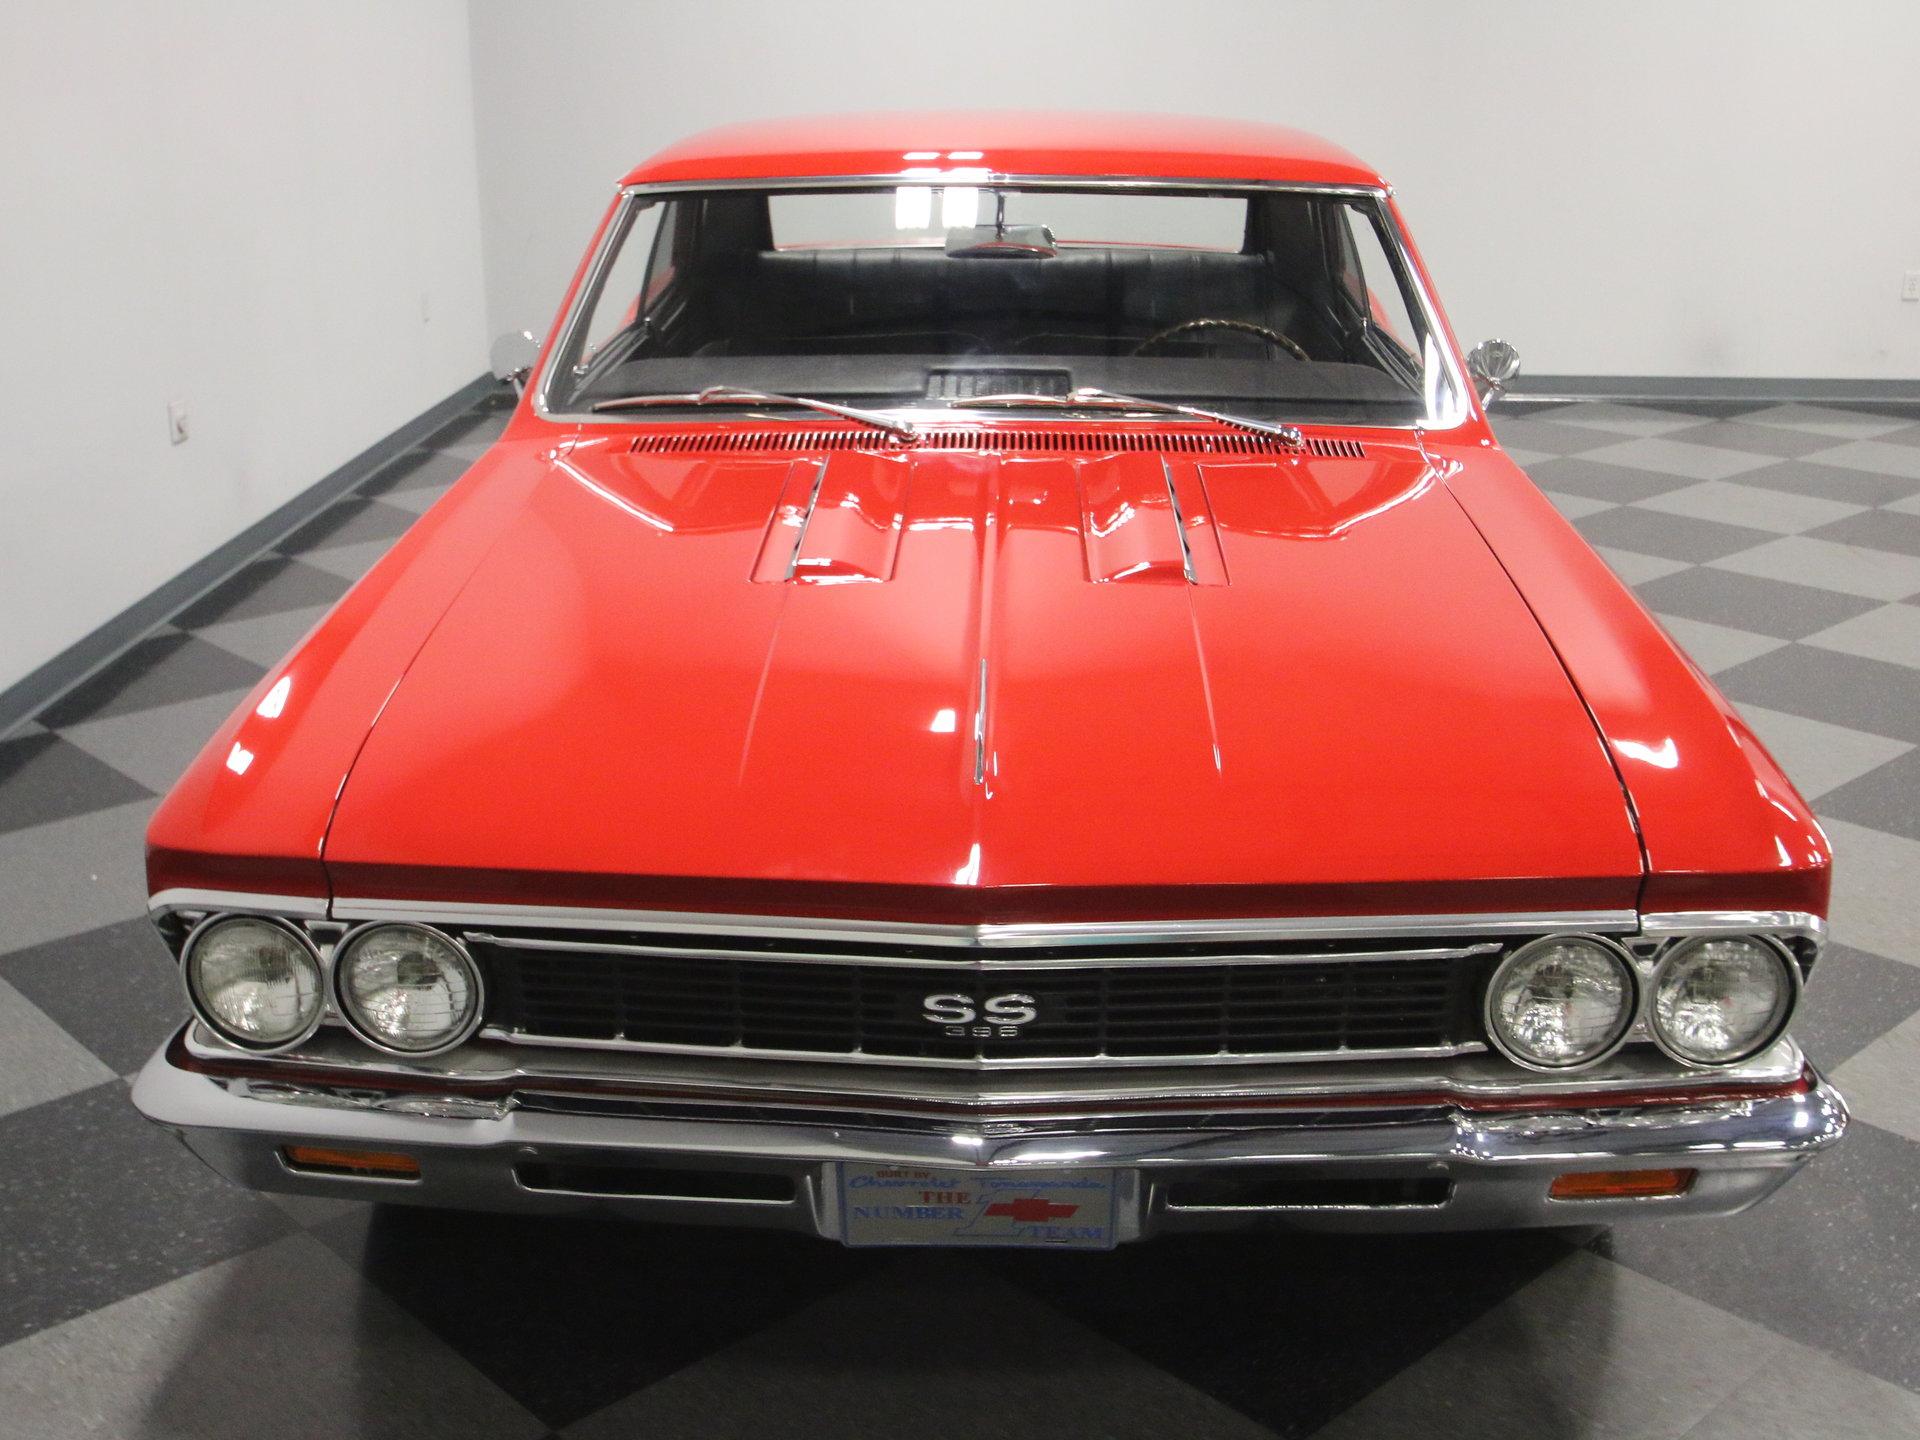 1966 Chevrolet Chevelle Berlin Motors Ss 396 For Sale